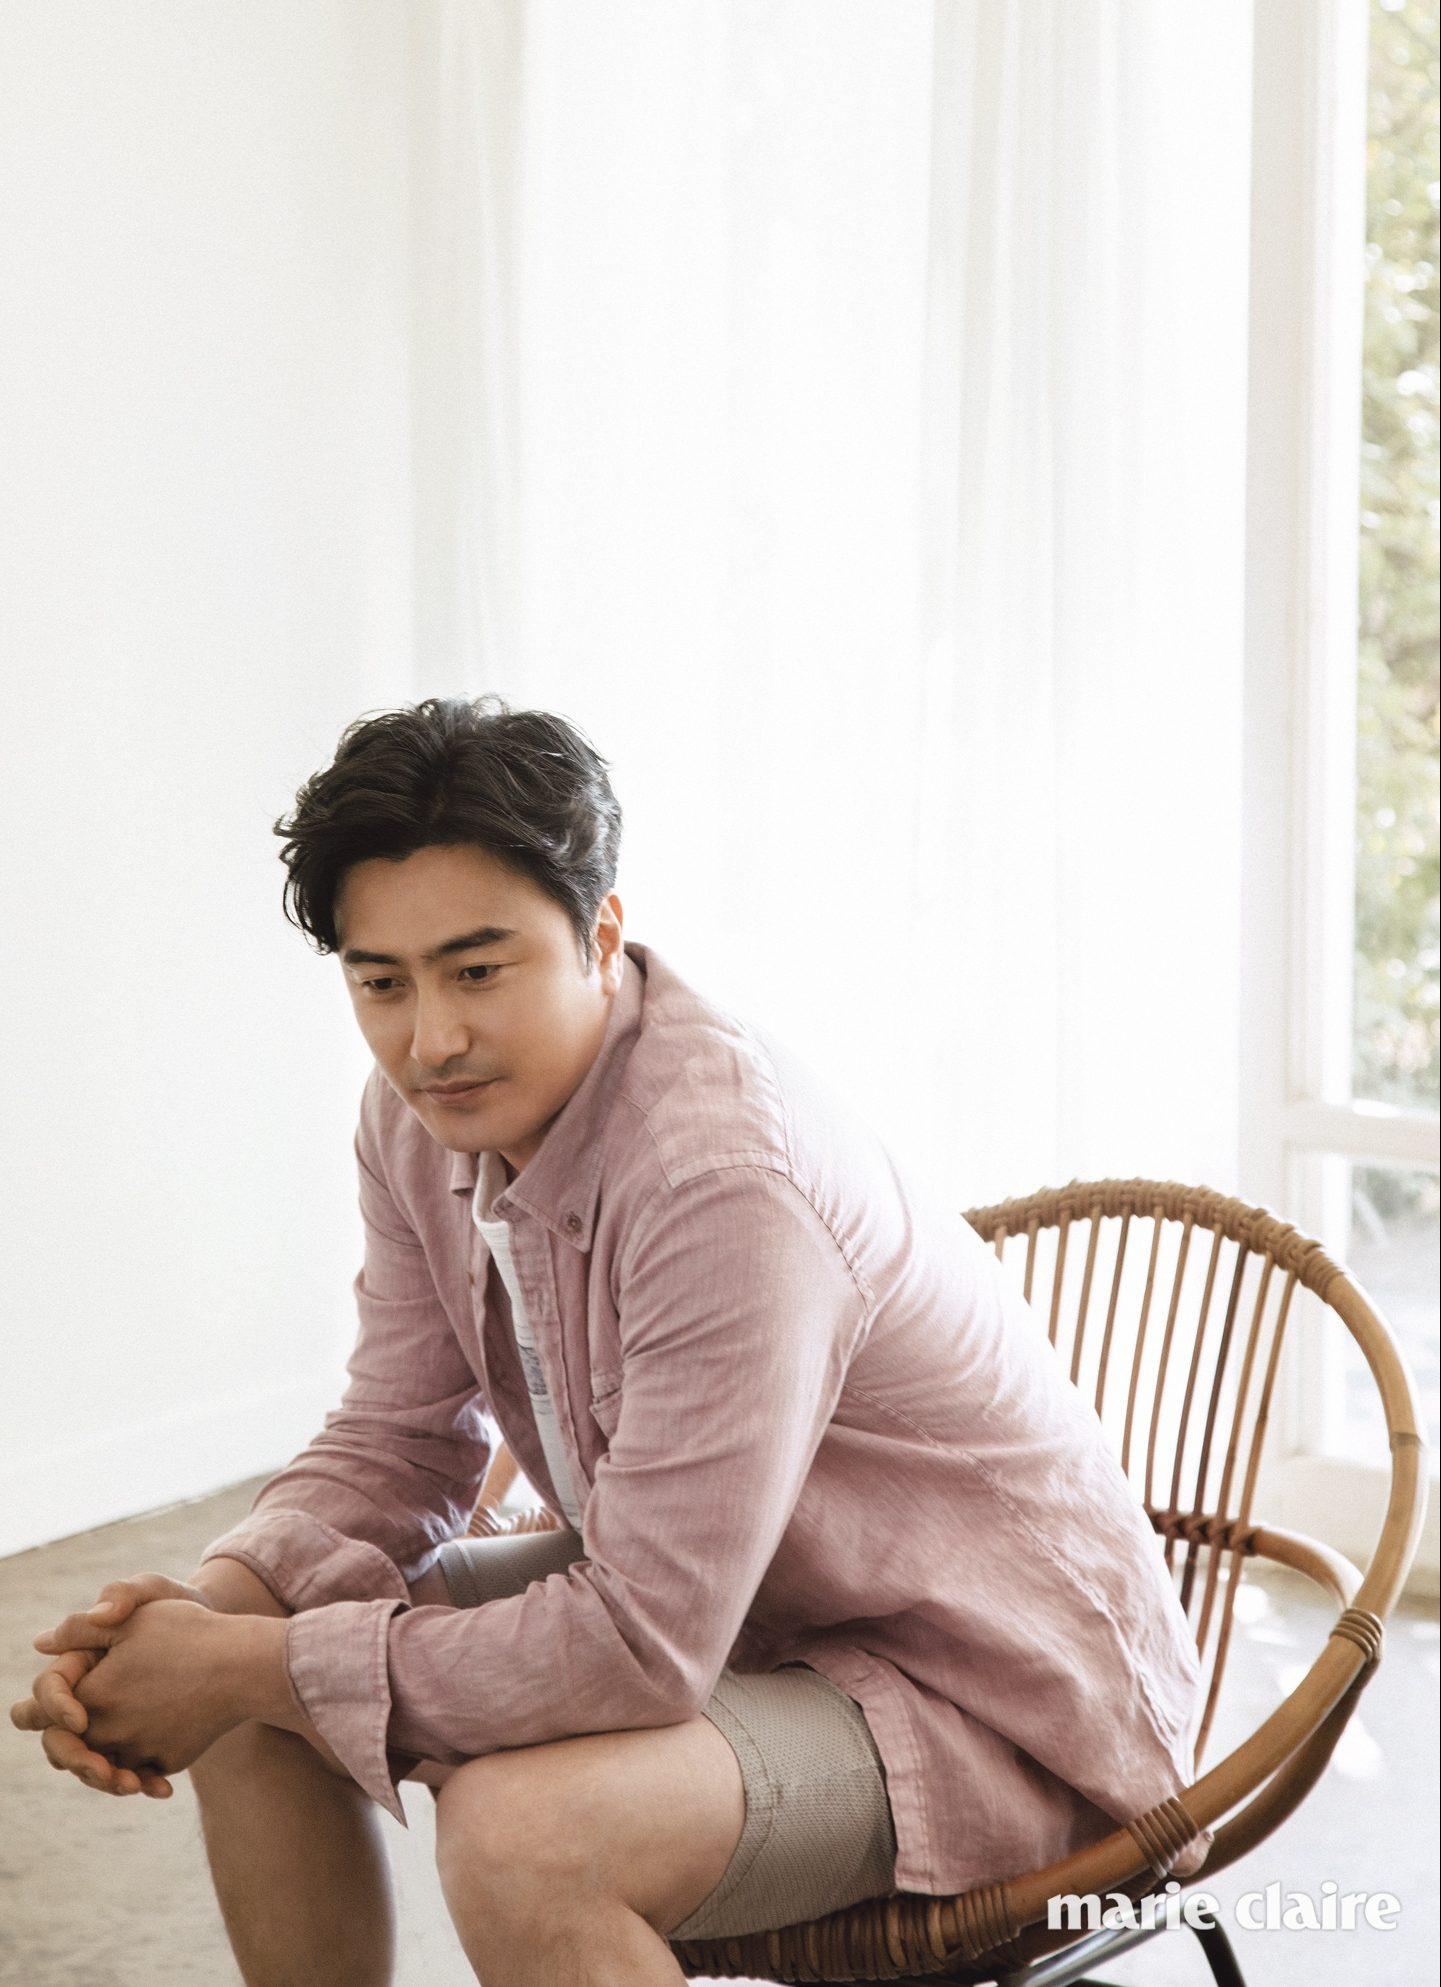 빈티지한 색감이 돋보이는 핑크 컬러 리넨 셔츠 15만9천원, 화이트 티셔츠 9만5천원, 베이지 크롭트 팬츠 12만원 모두 헨리 코튼